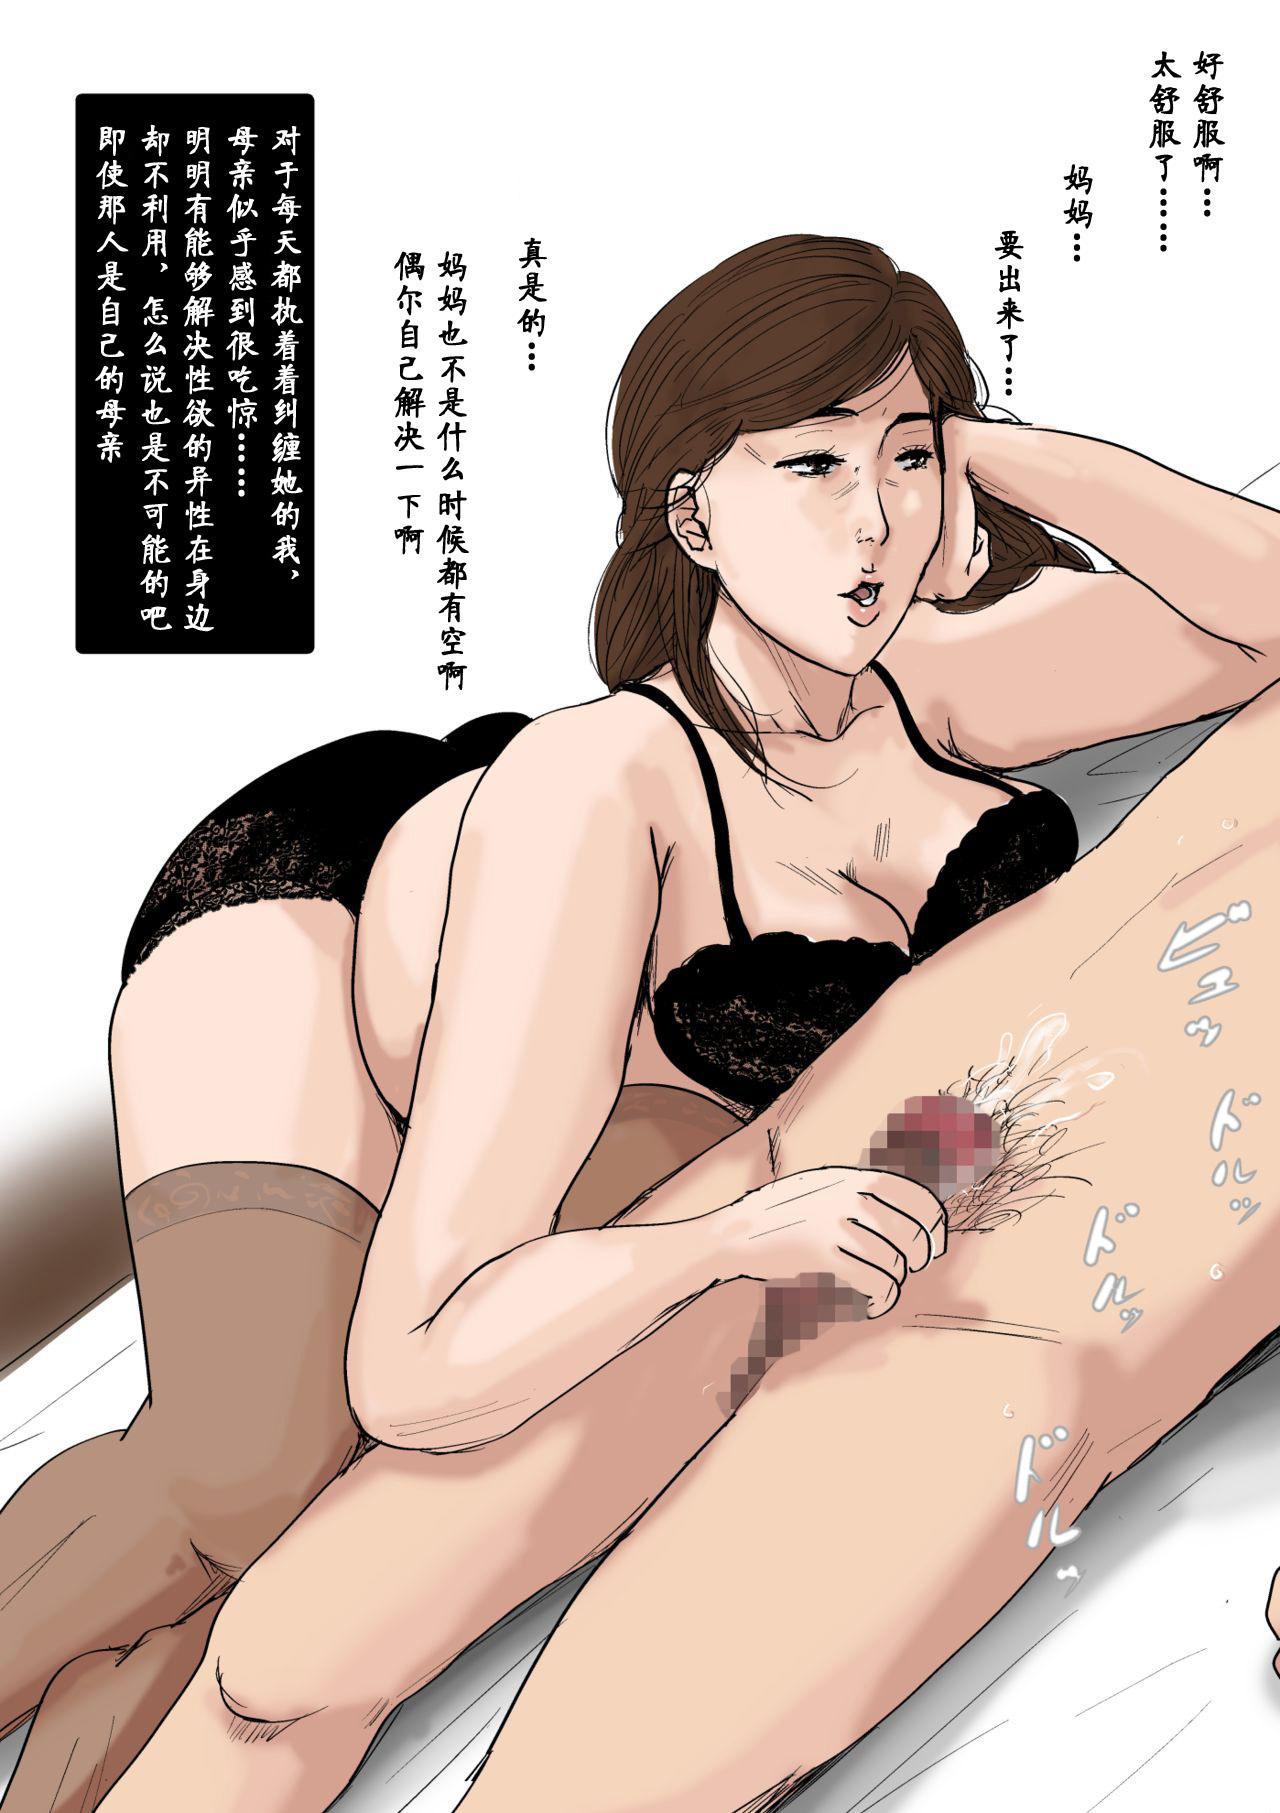 [Oozora Kaiko] Kaa-san to Ore no 20-nenshi ~Waga Ie no Kinshin Soukan Kaikoroku [Chinese] [金麦基个人汉化] 14